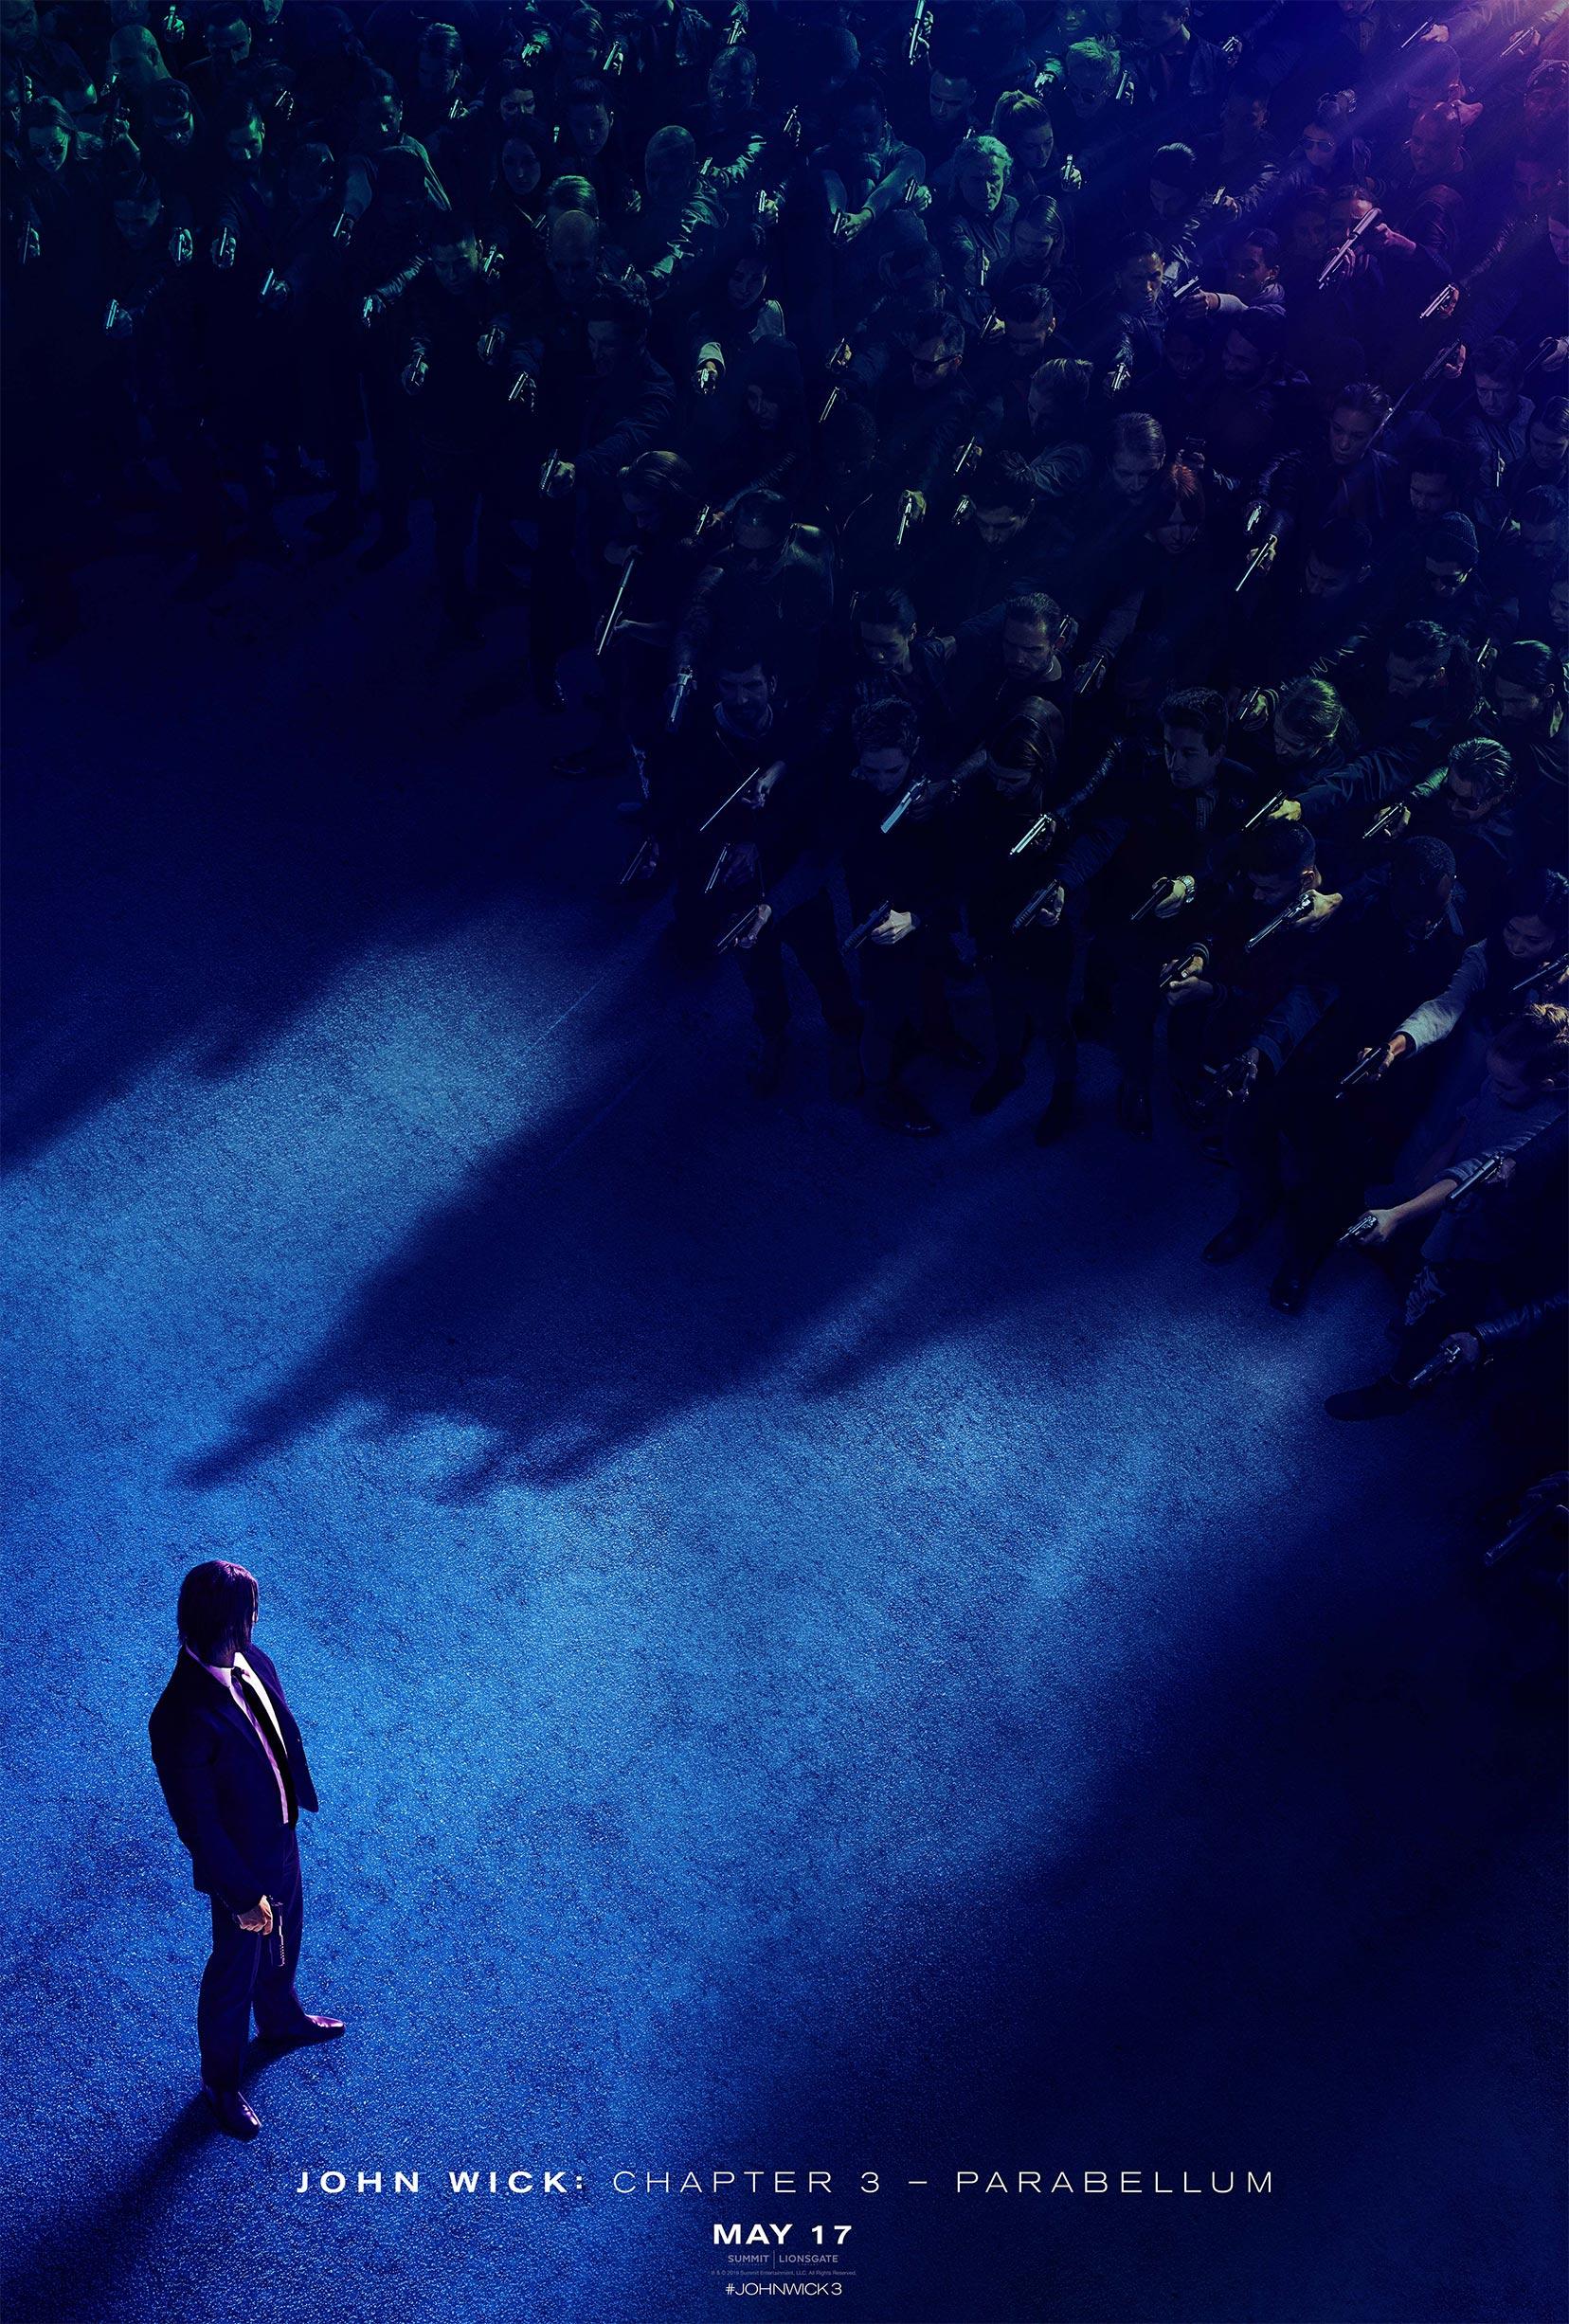 John Wick: Chapter 3 - Parabellum Poster #1